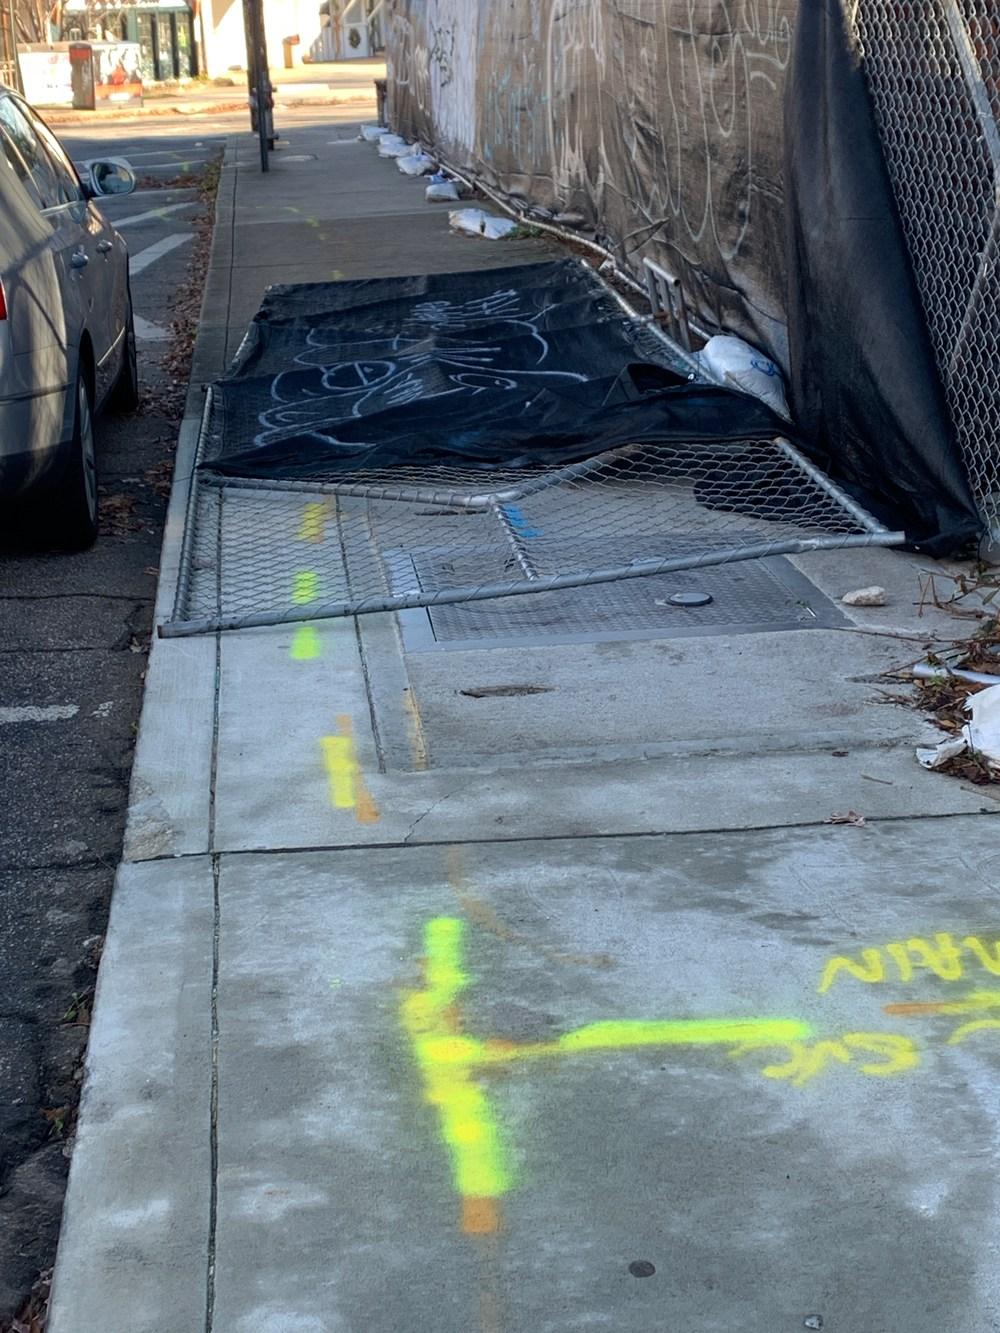 Chainlink fence fallen across the sidewalk in Atlanta